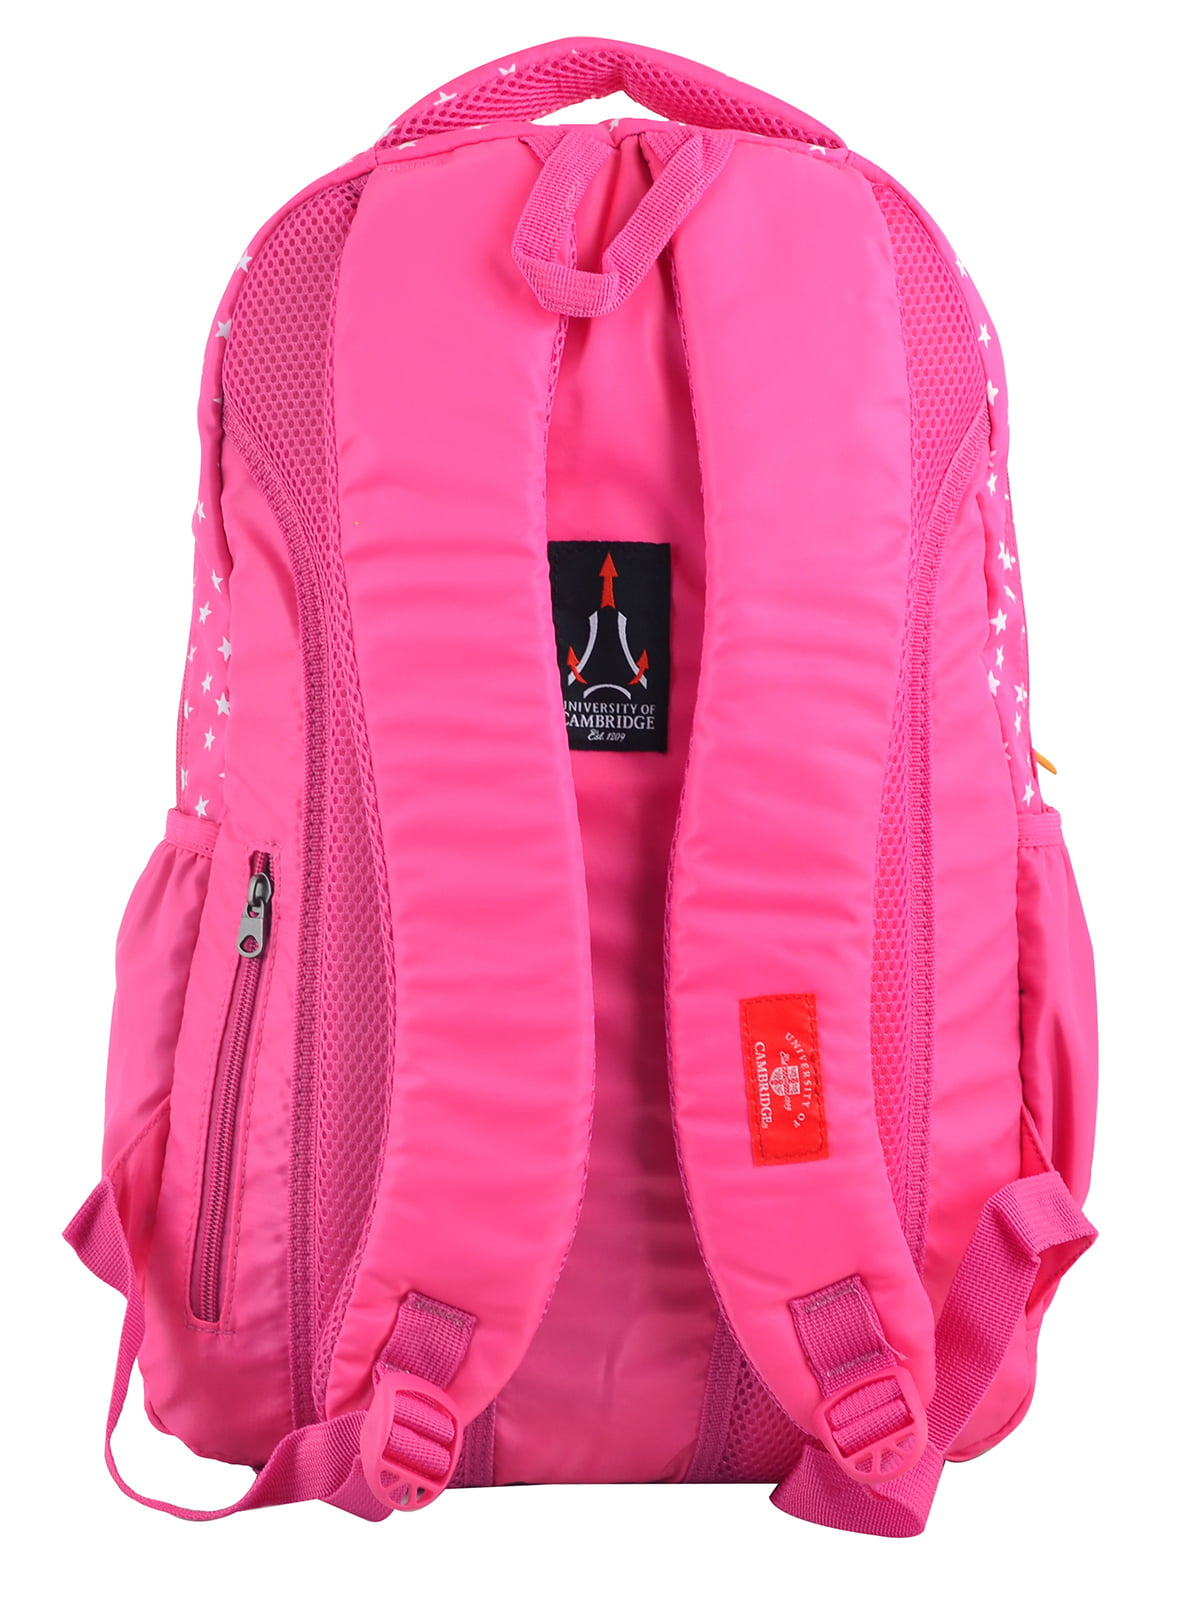 Рюкзак рожевий в горошок | 4214874 | фото 4